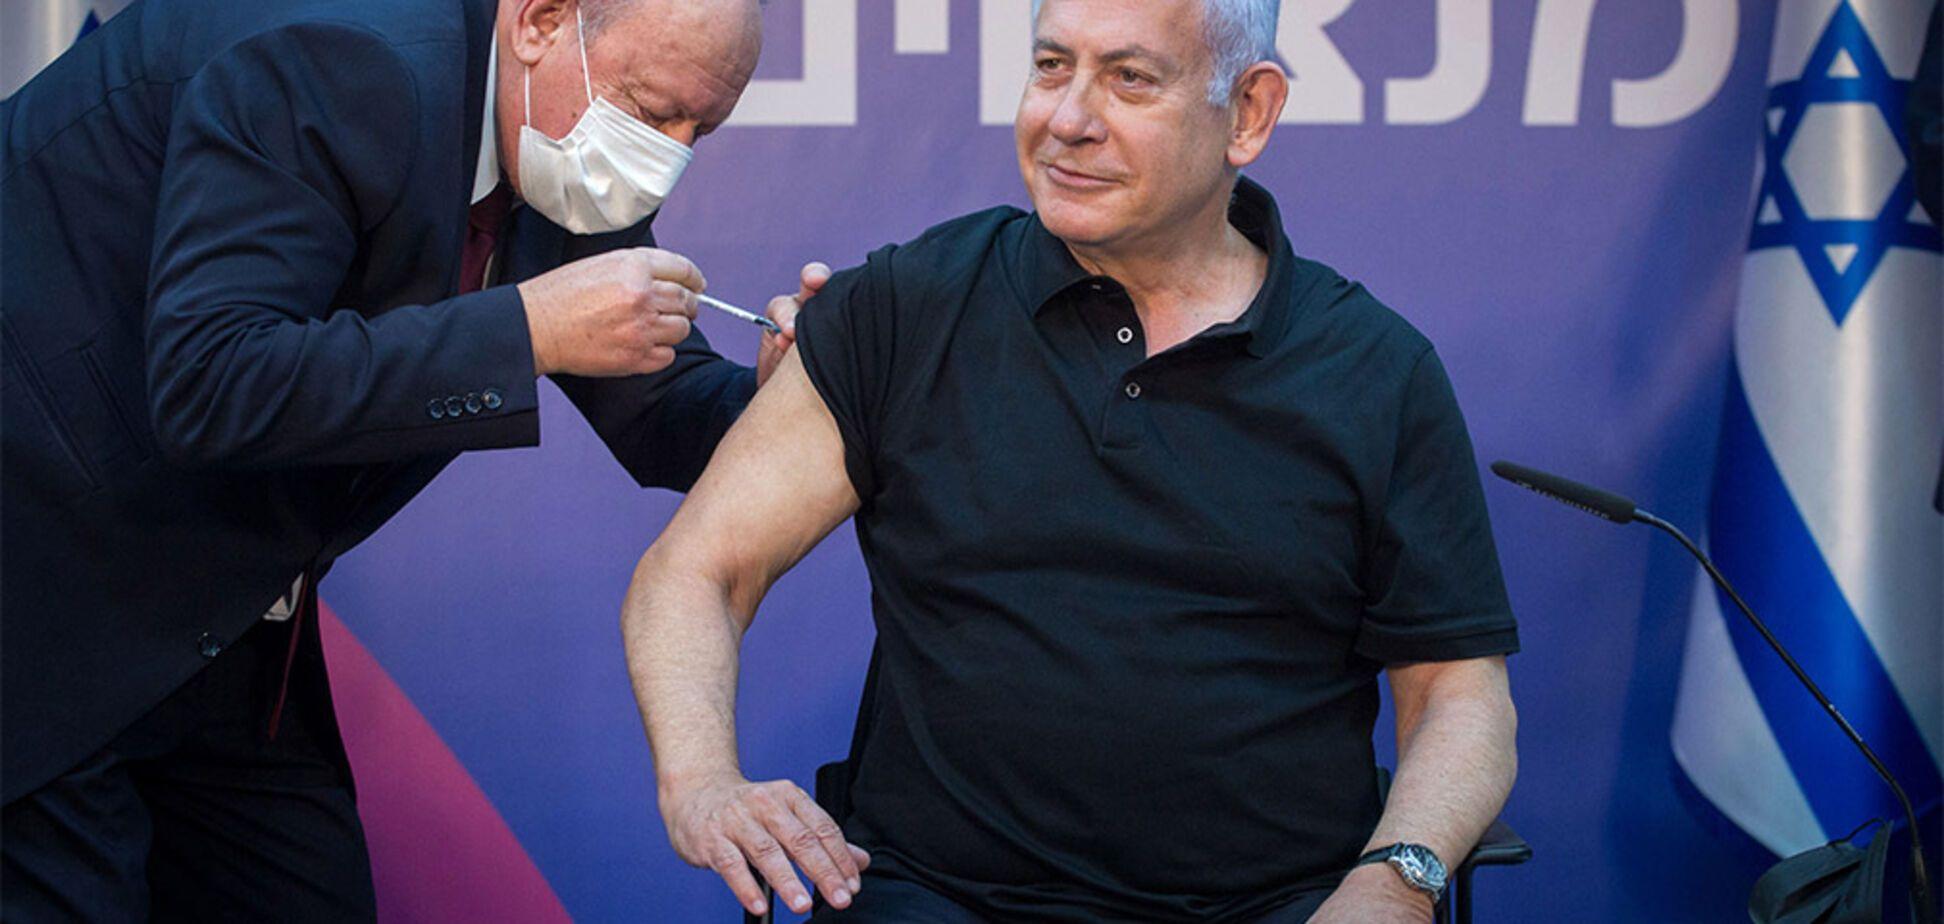 Биньямин Нетаньяху делает прививку от коронавируса